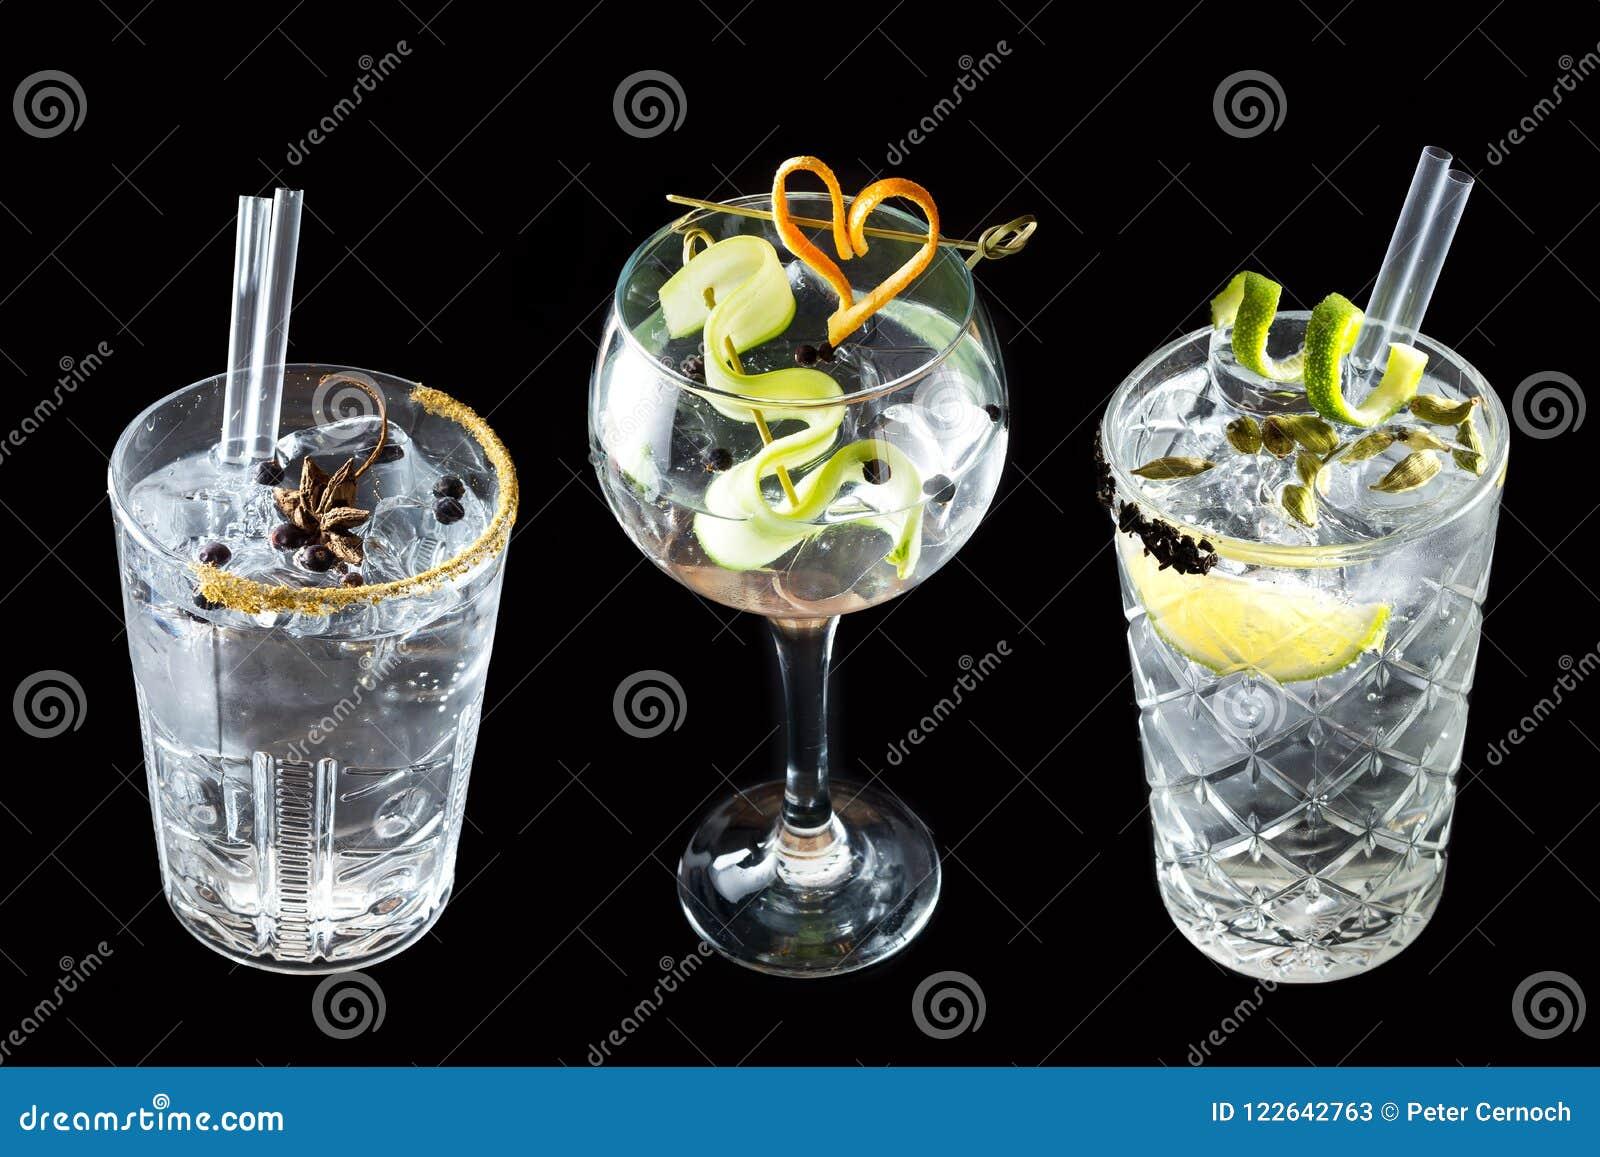 三个黄瓜葡萄柚杜松子酒补剂鸡尾酒饮料